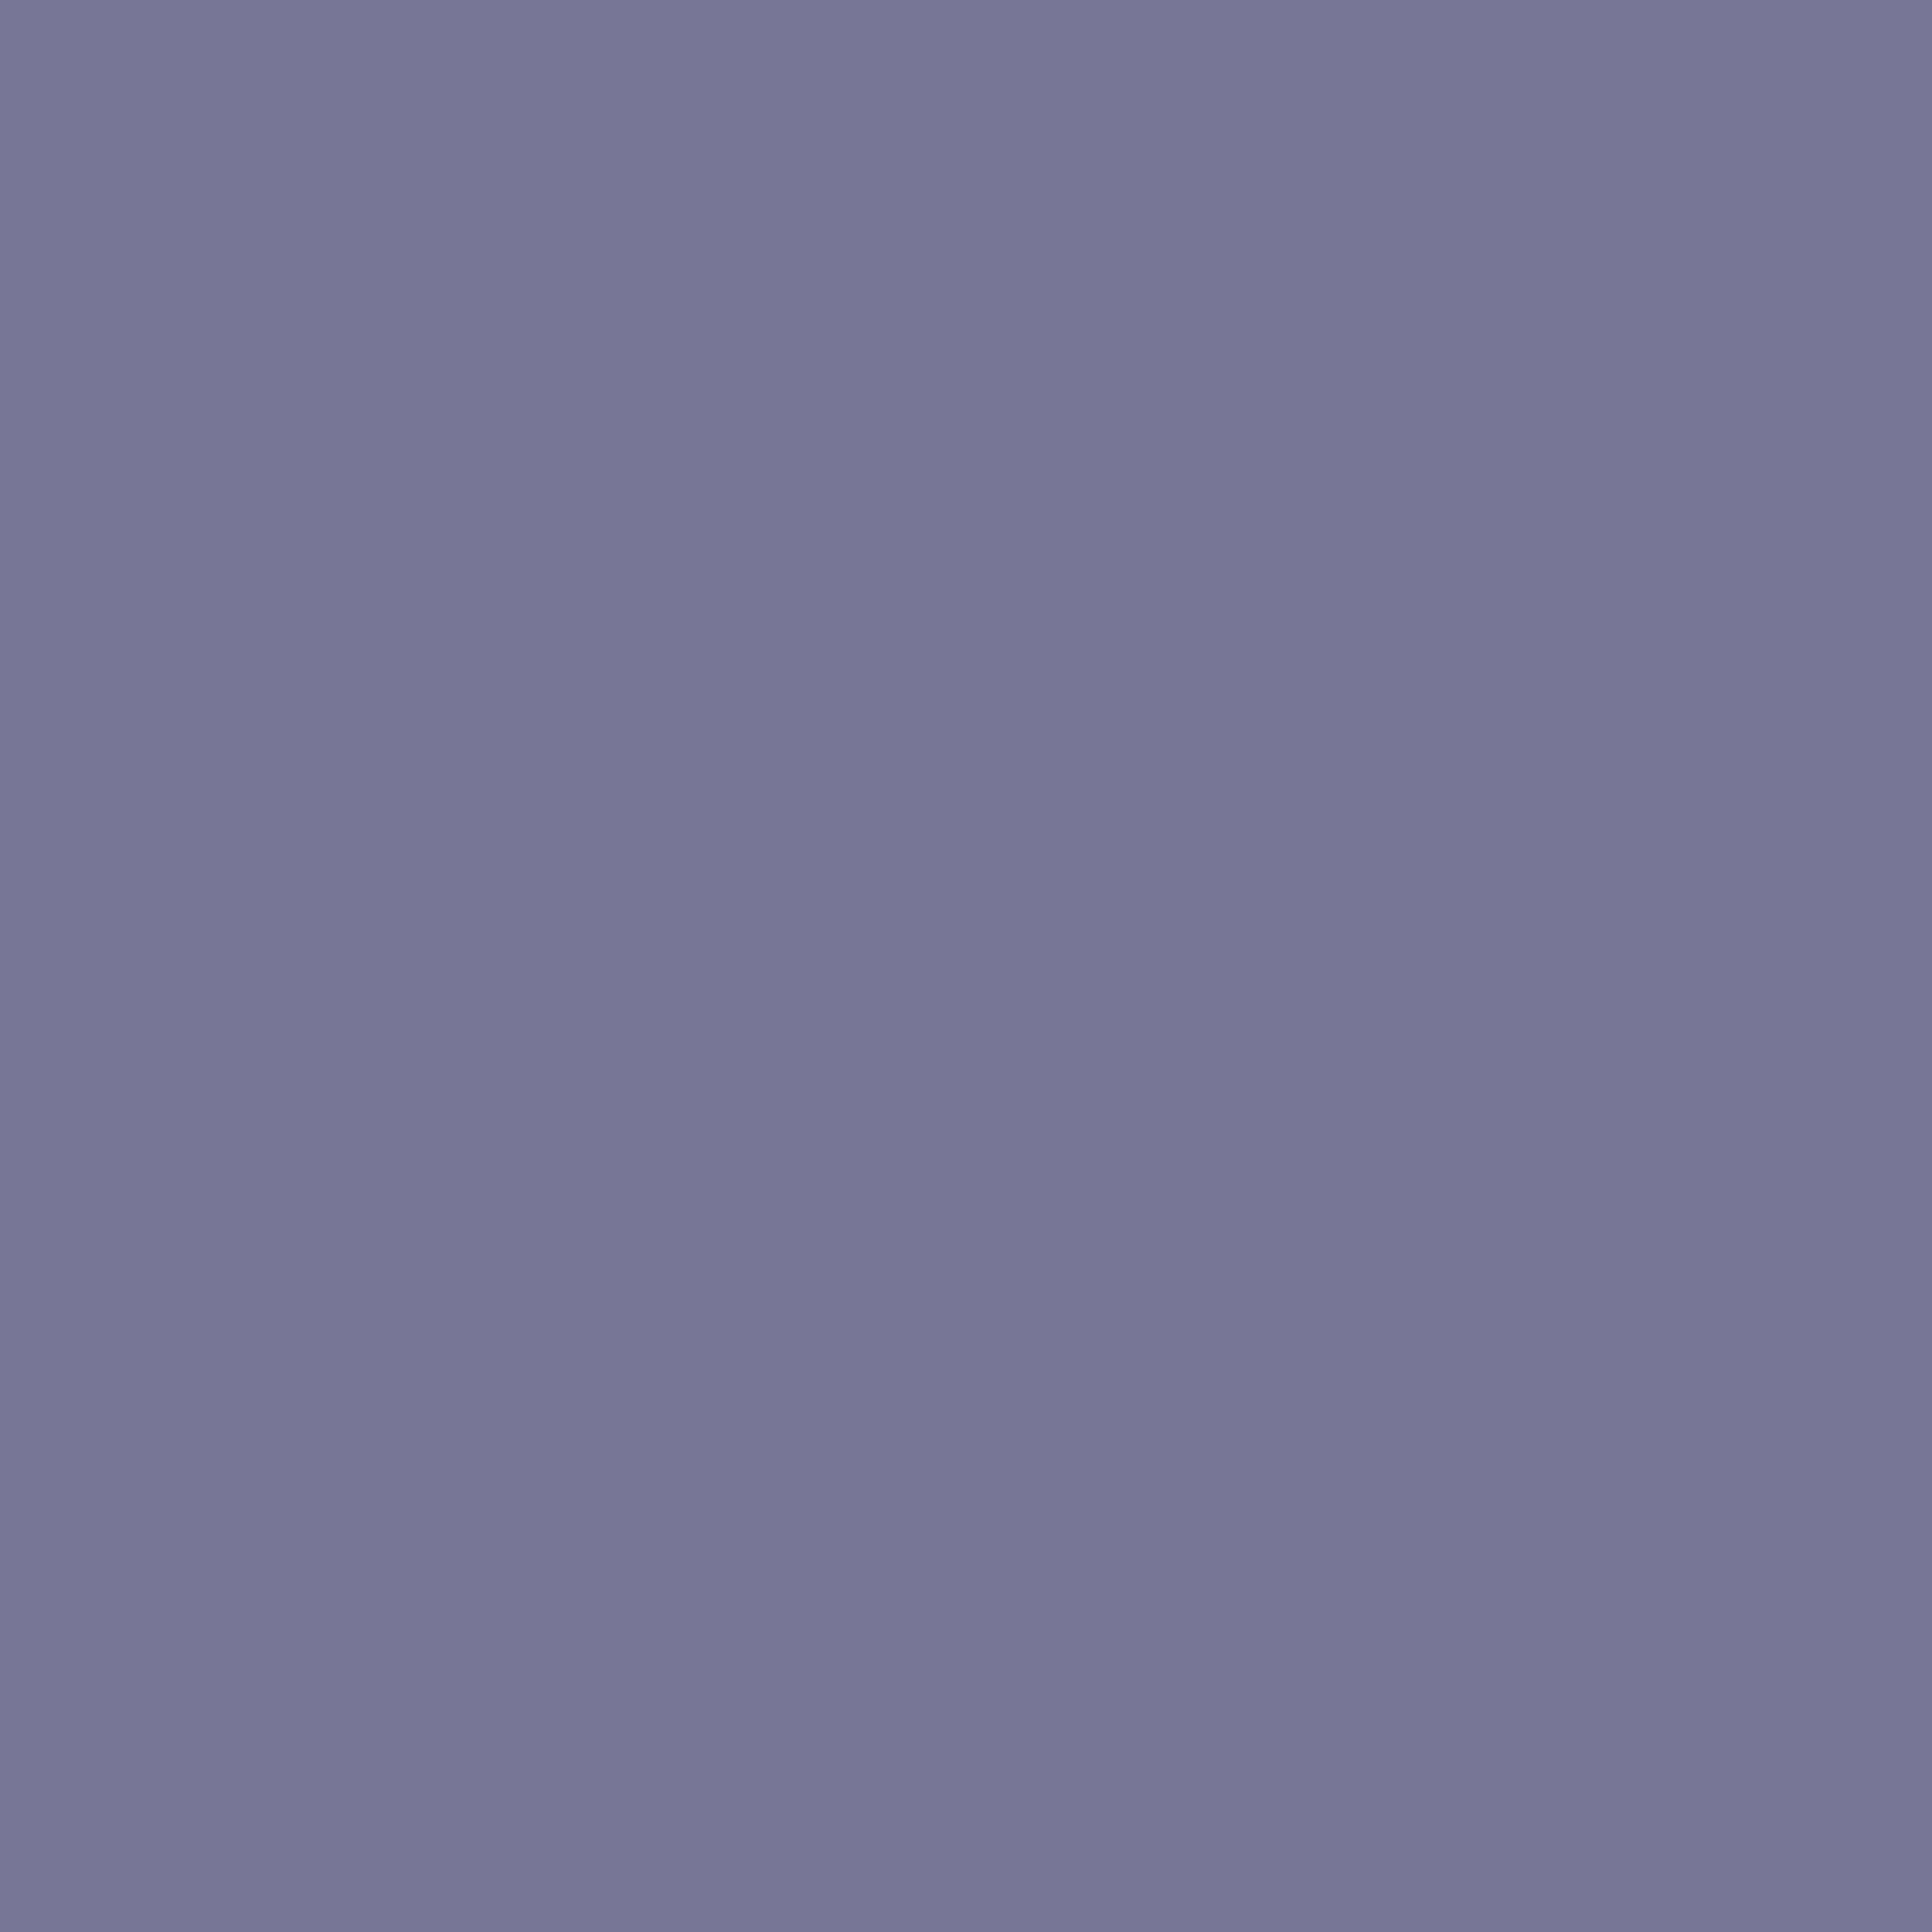 2732x2732 Rhythm Solid Color Background